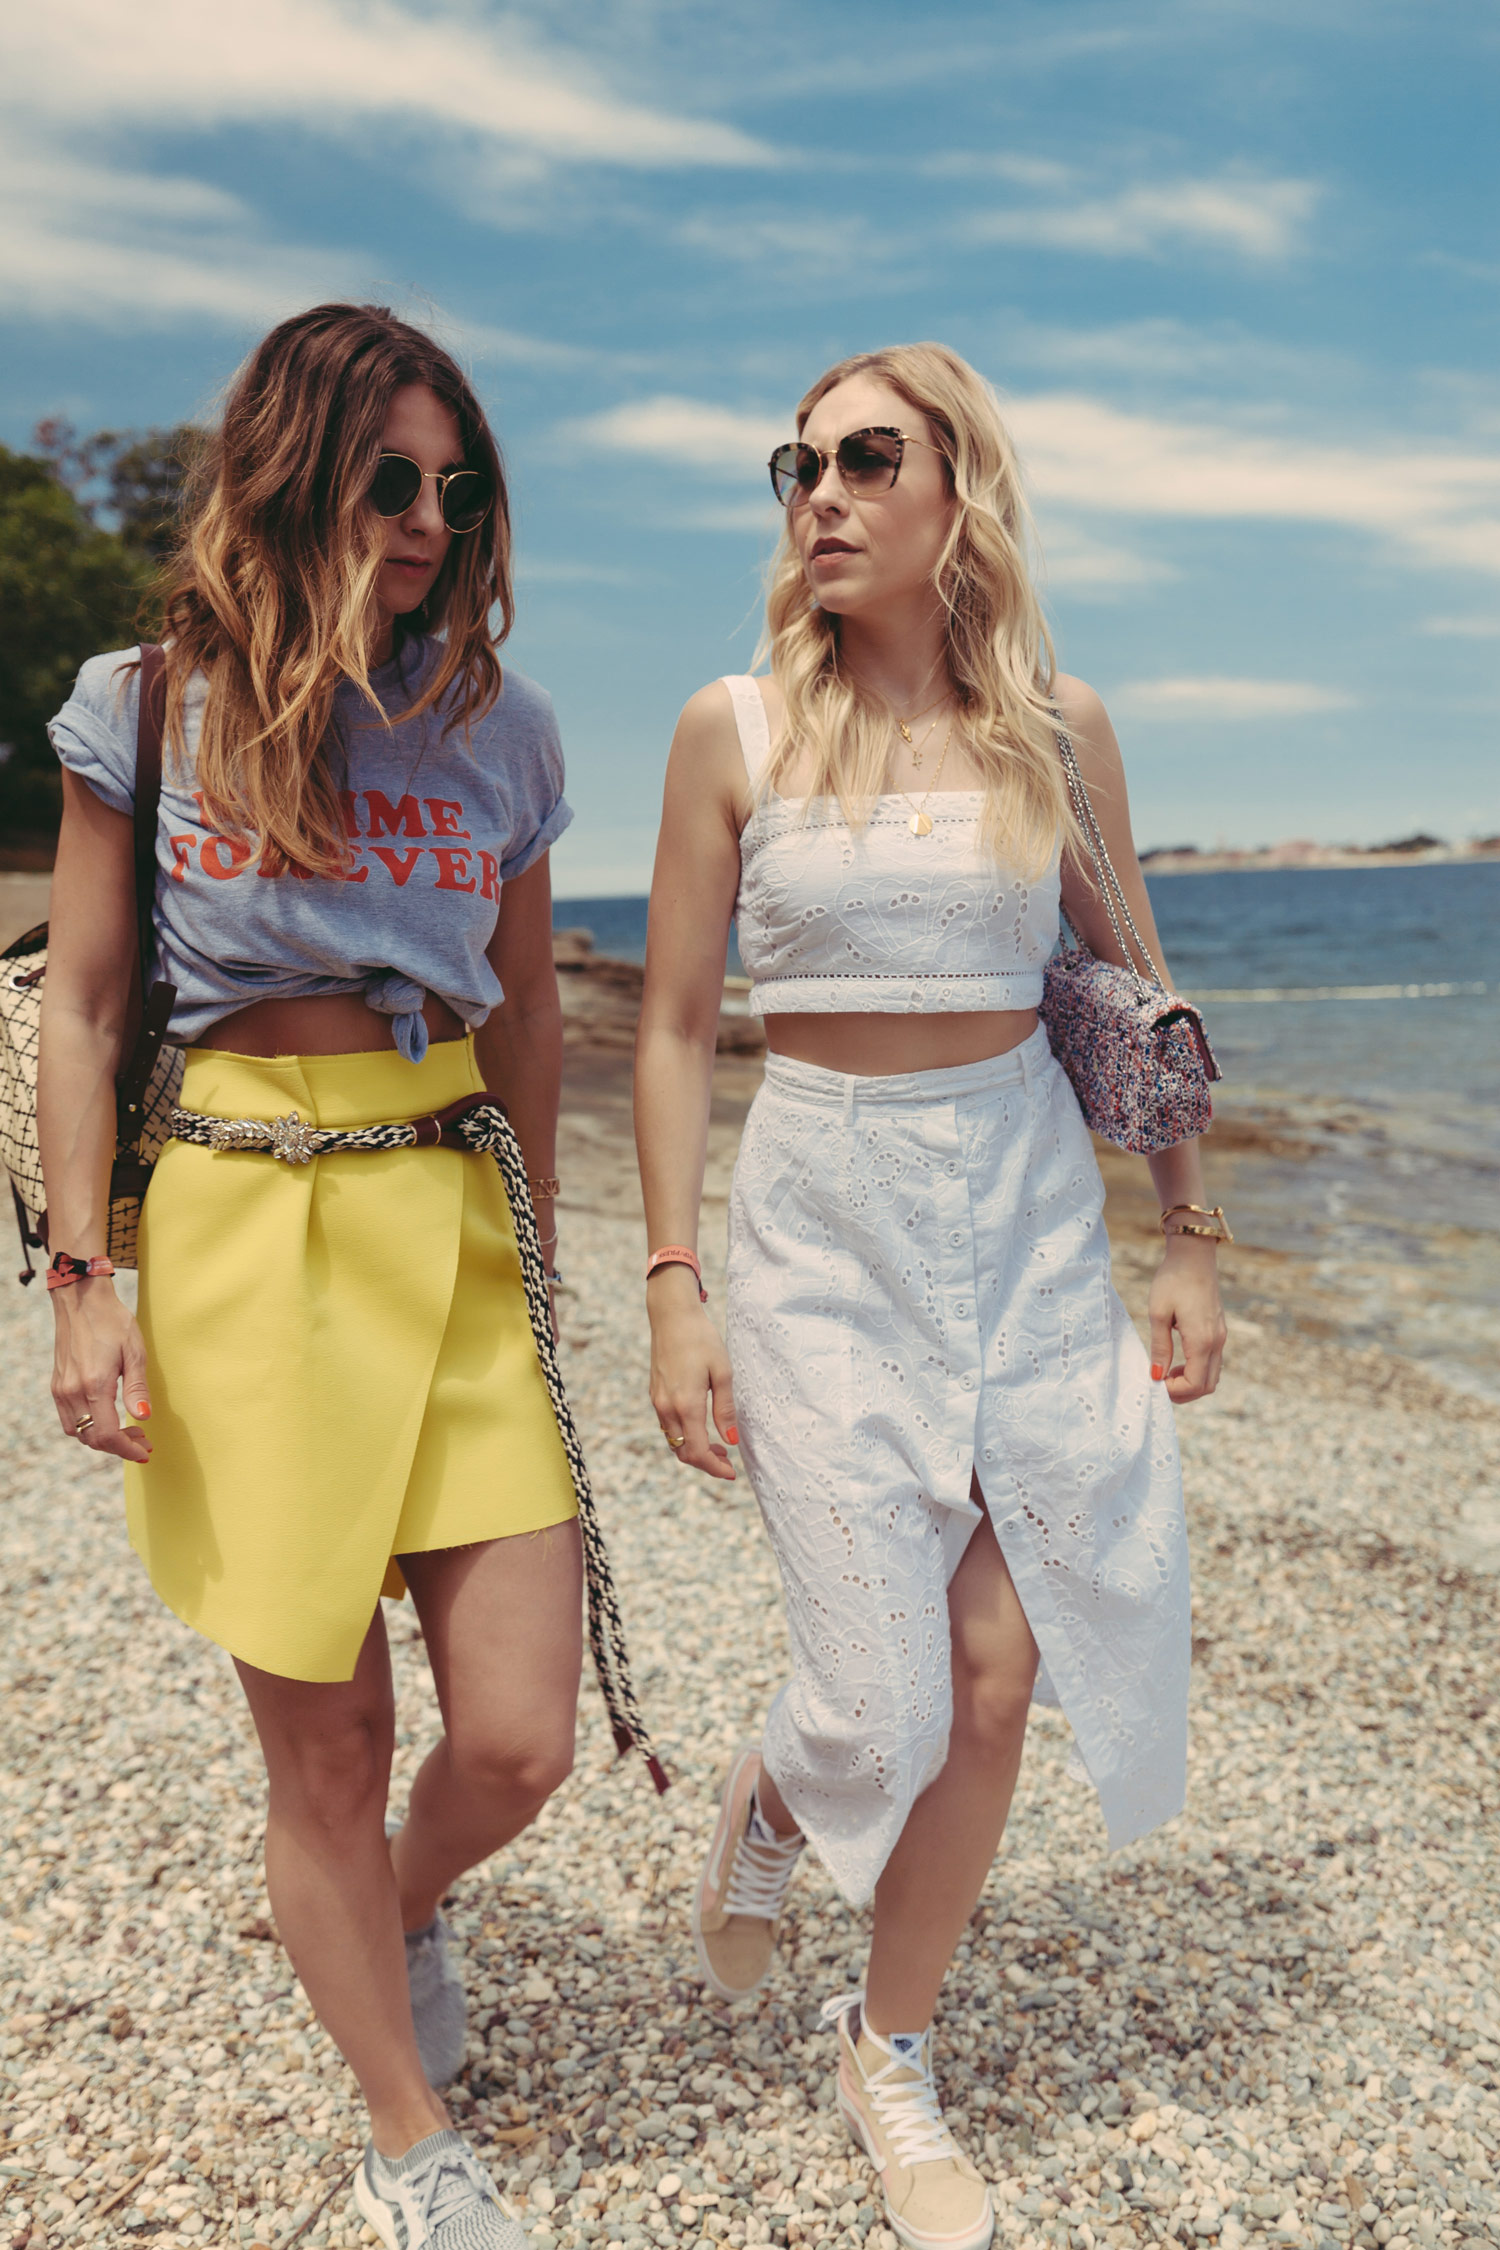 fashion blogger österreich, richtig abschalten, gelber rock, forever femmes tshirt